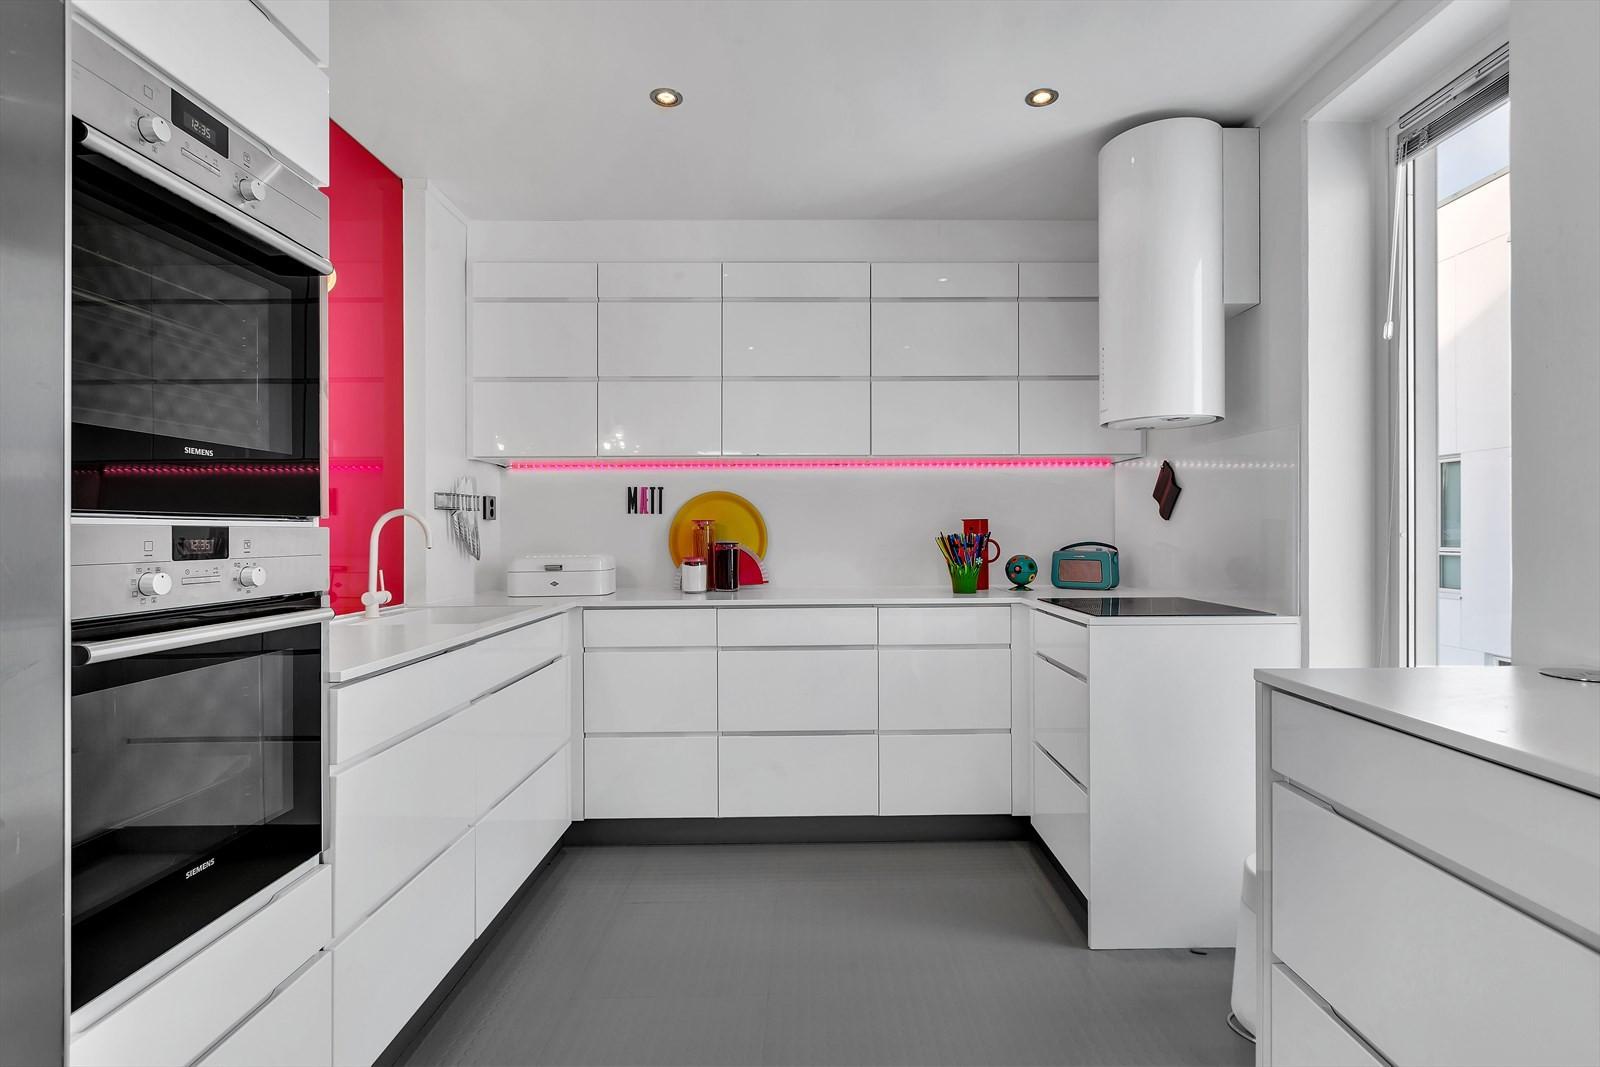 Kjøkken med flere arbeidssoner - stekeovn i høyskap